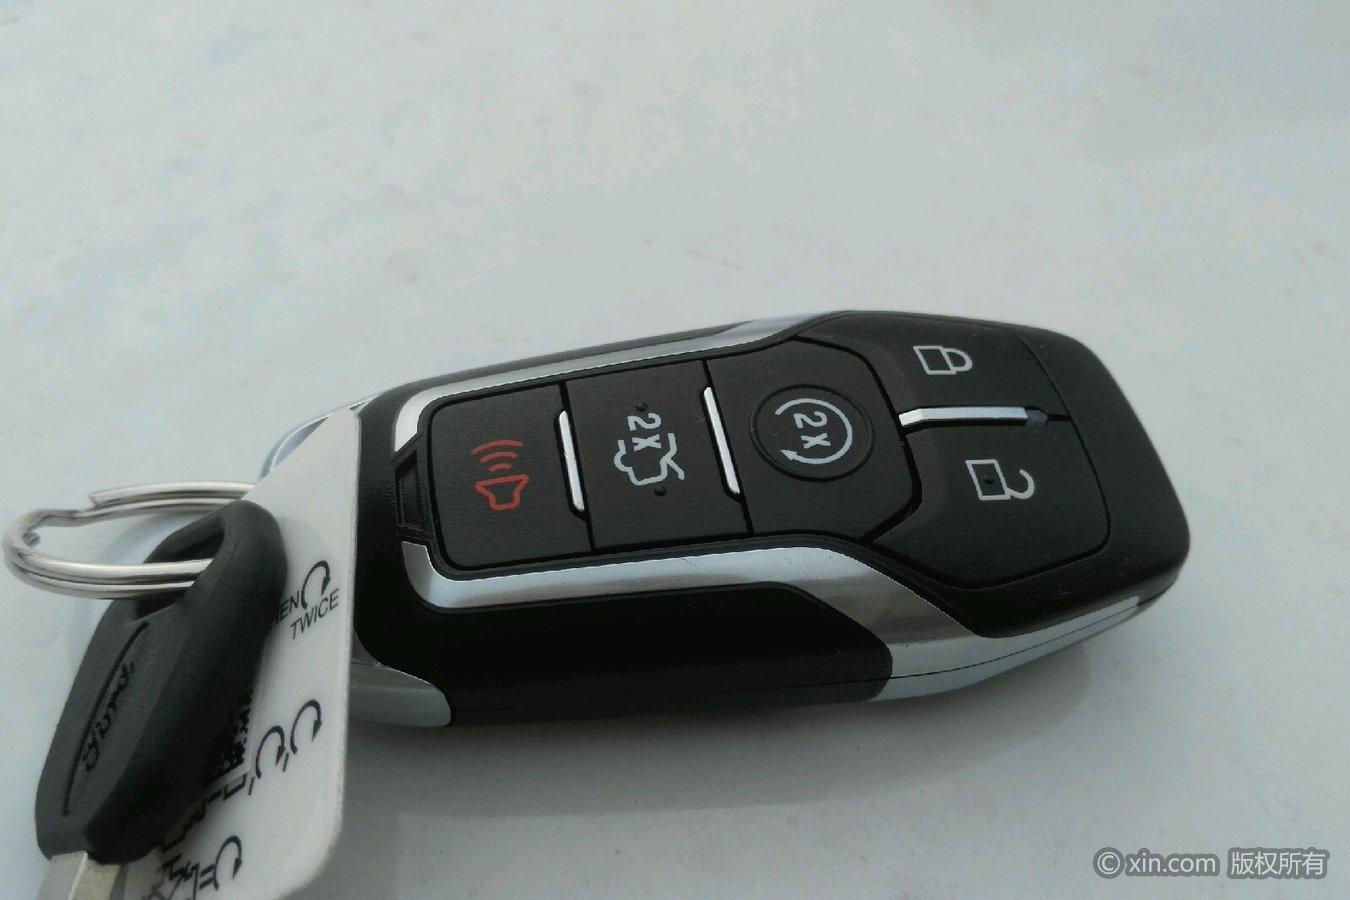 车 外设 游戏设备 钥匙 1350_900